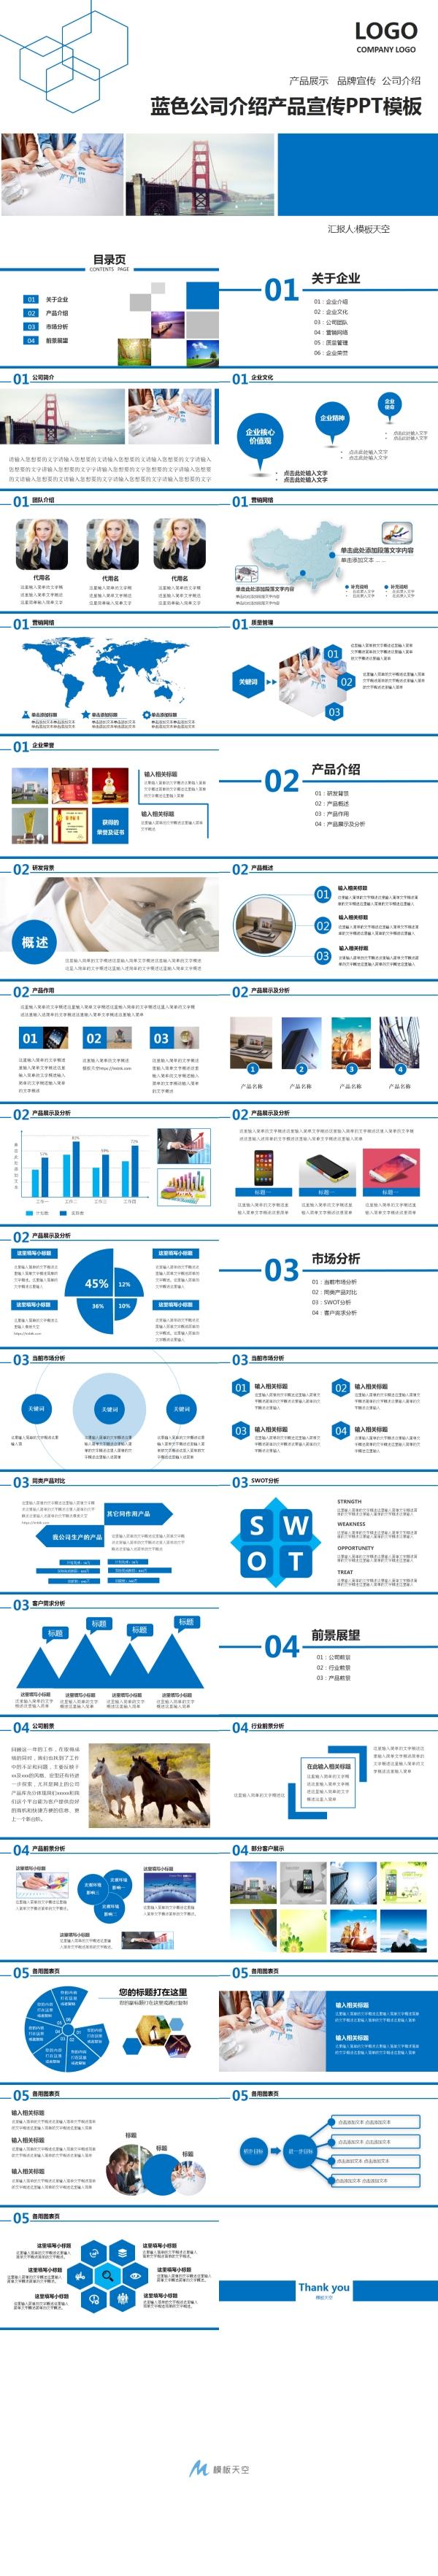 公司产品介绍及品牌宣传的PPT模板